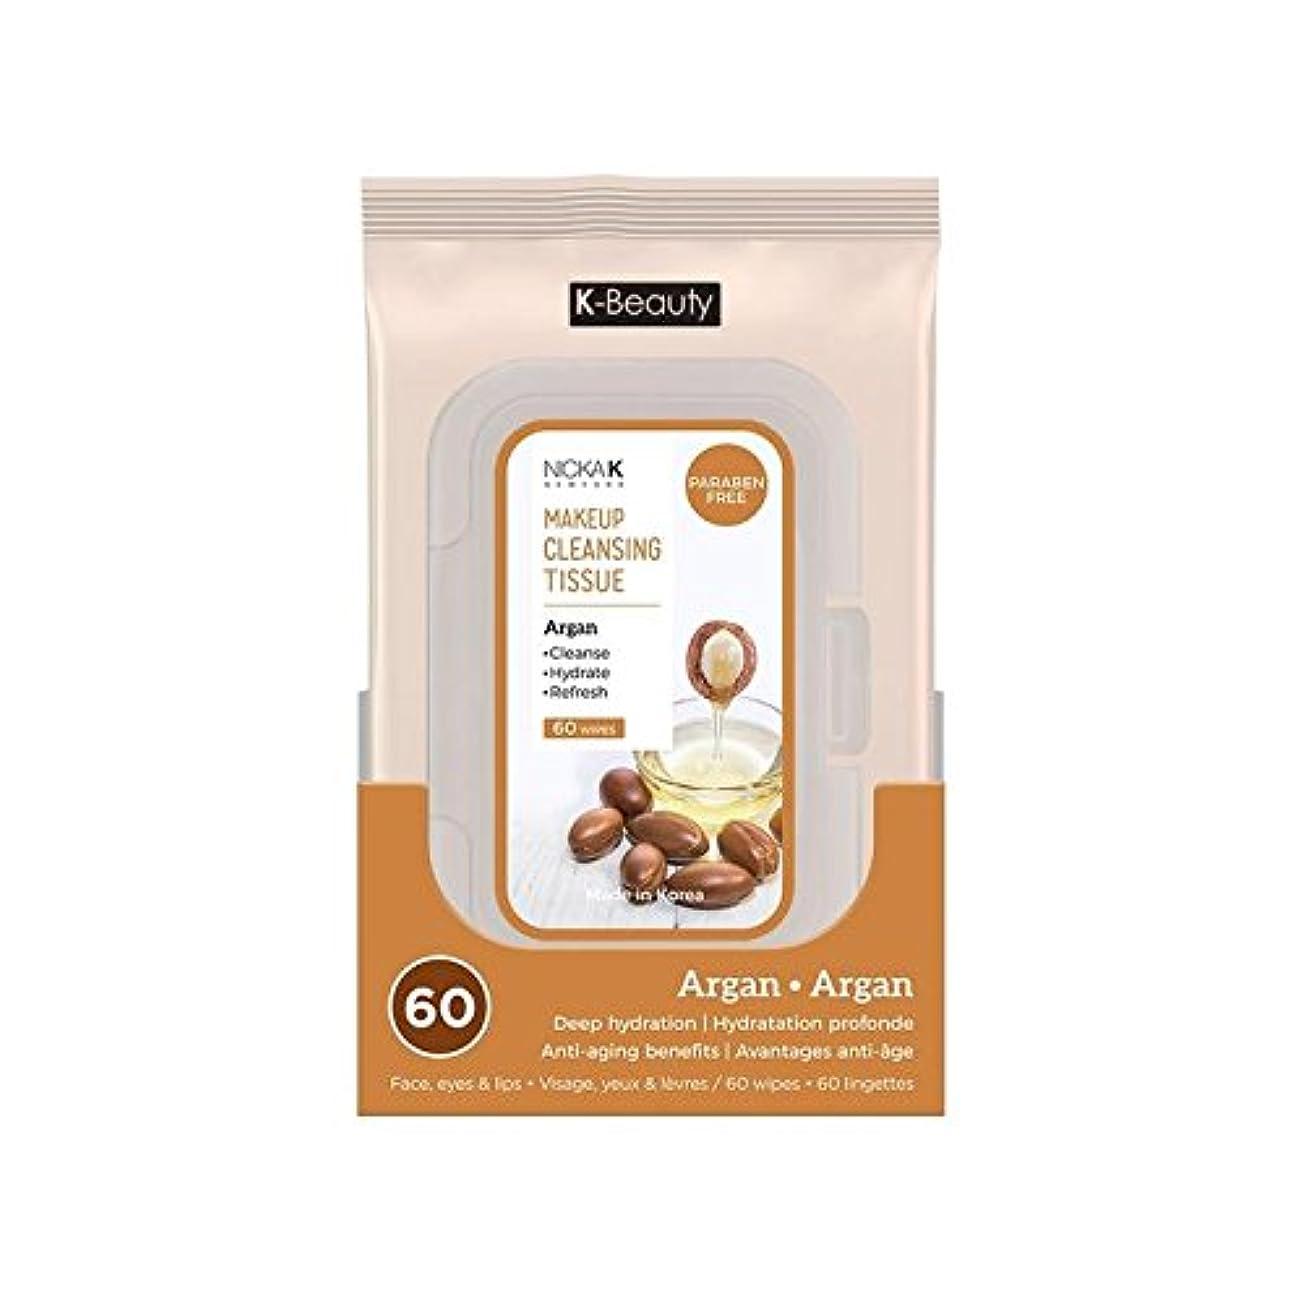 引き受けるロッジバー(6 Pack) NICKA K Make Up Cleansing Tissue - Argan (並行輸入品)